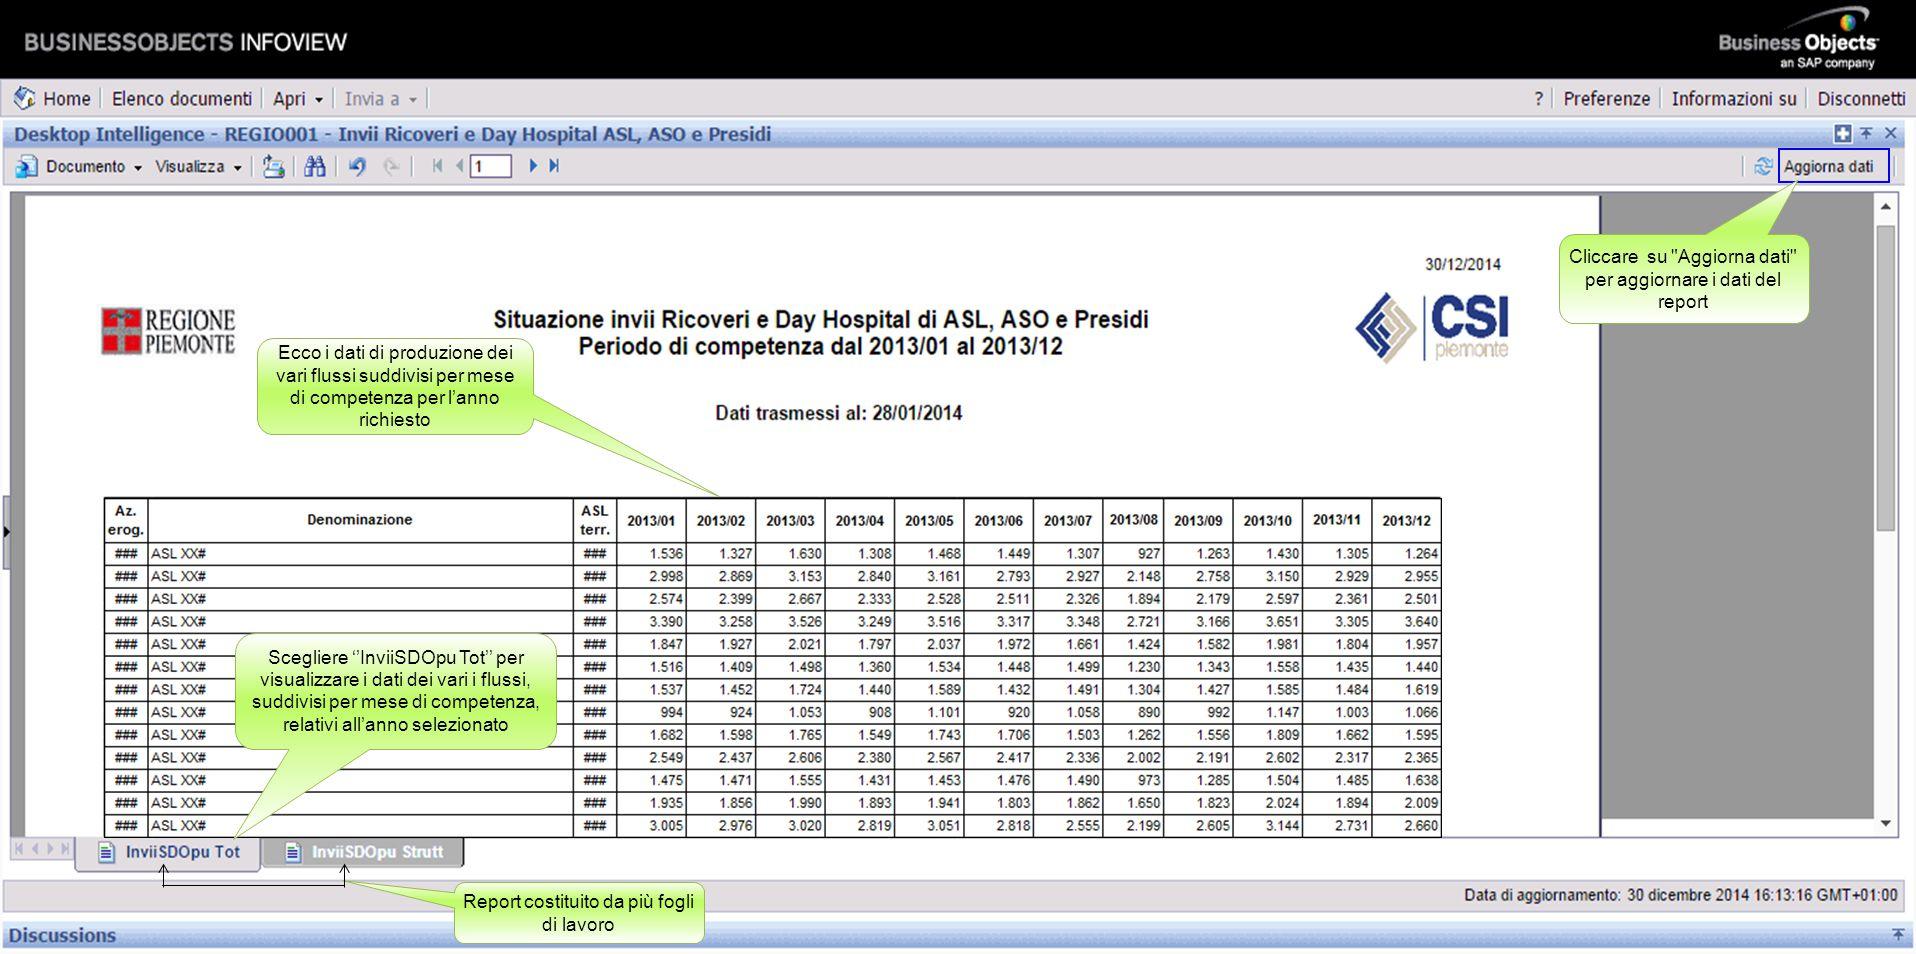 Cliccare sulla barra ''Anno Precedente'' per ordinare i valori selezionabili Valori utili per filtrare la ricerca. Selezionare quello di interesse con